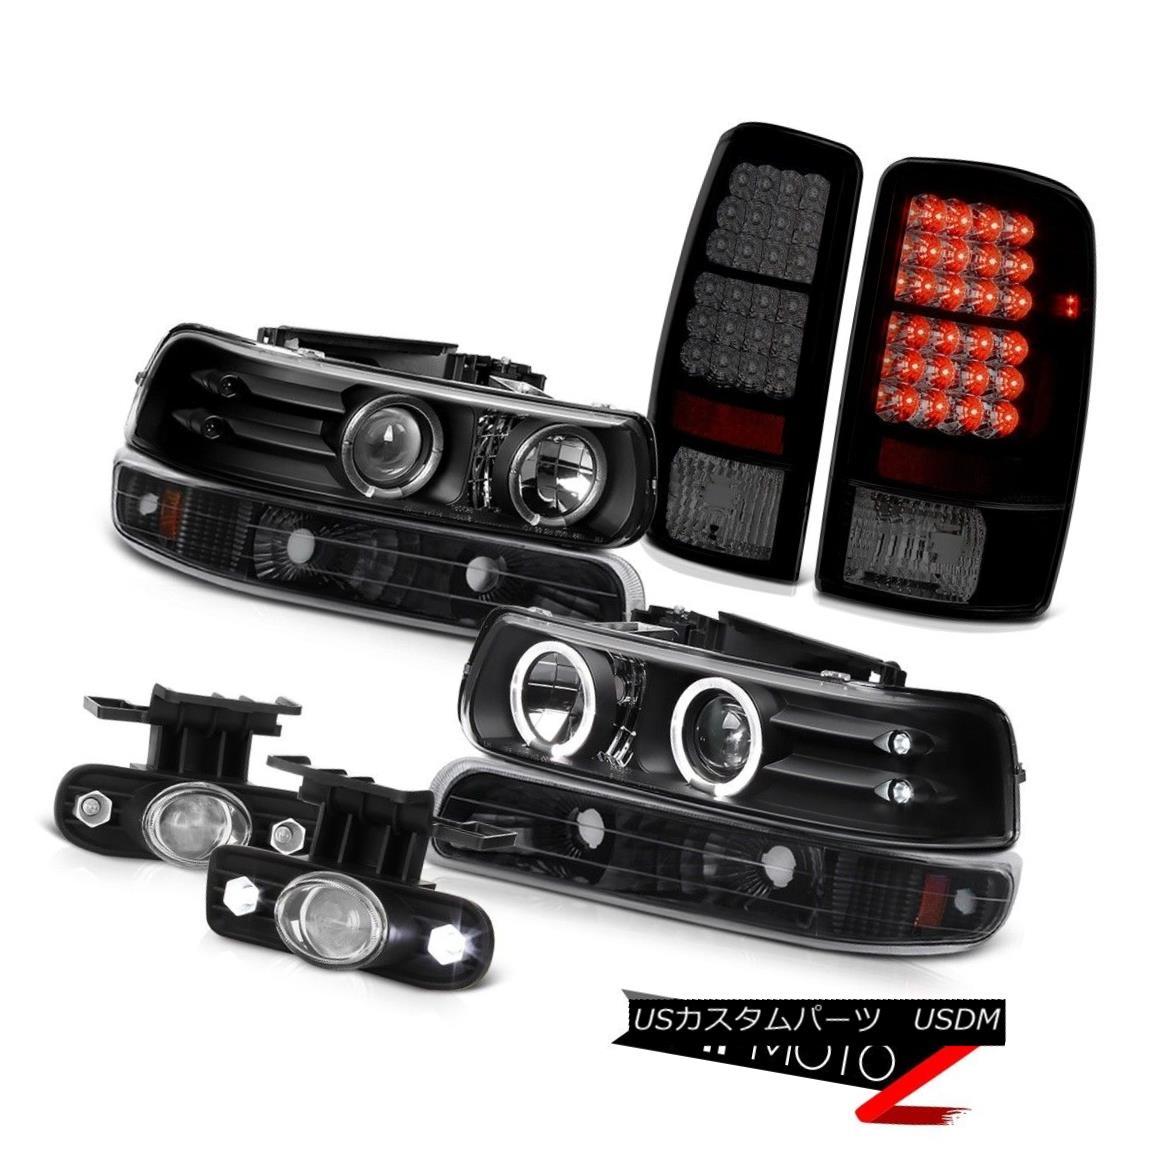 テールライト 00-06 Tahoe 5.3L Black Halo Headlight Sinister Tail Lights Projector Driving Fog 00-06 Tahoe 5.3Lブラックヘイローヘッドライト不快テールライトプロジェクタードライビングフォグ